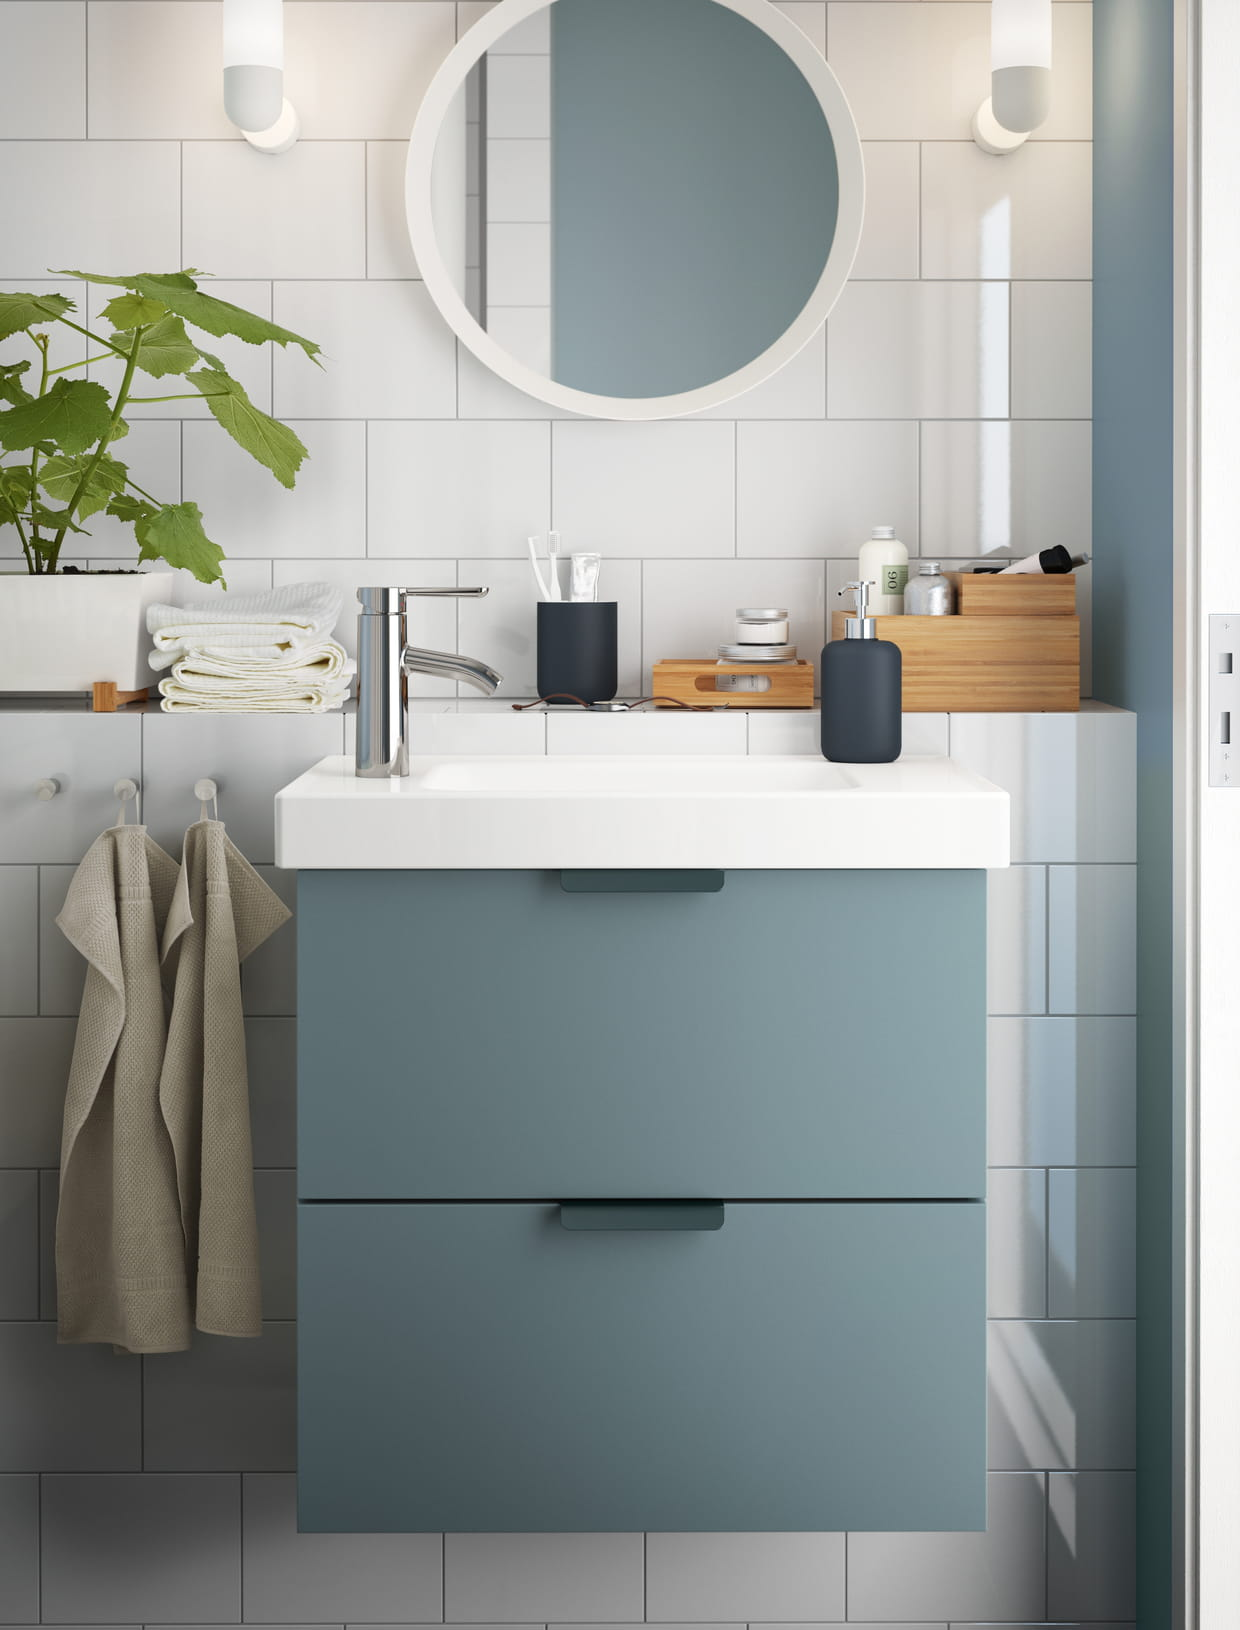 meuble lavabo godmorgon odensvik par magnus eleb ck pour ikea. Black Bedroom Furniture Sets. Home Design Ideas